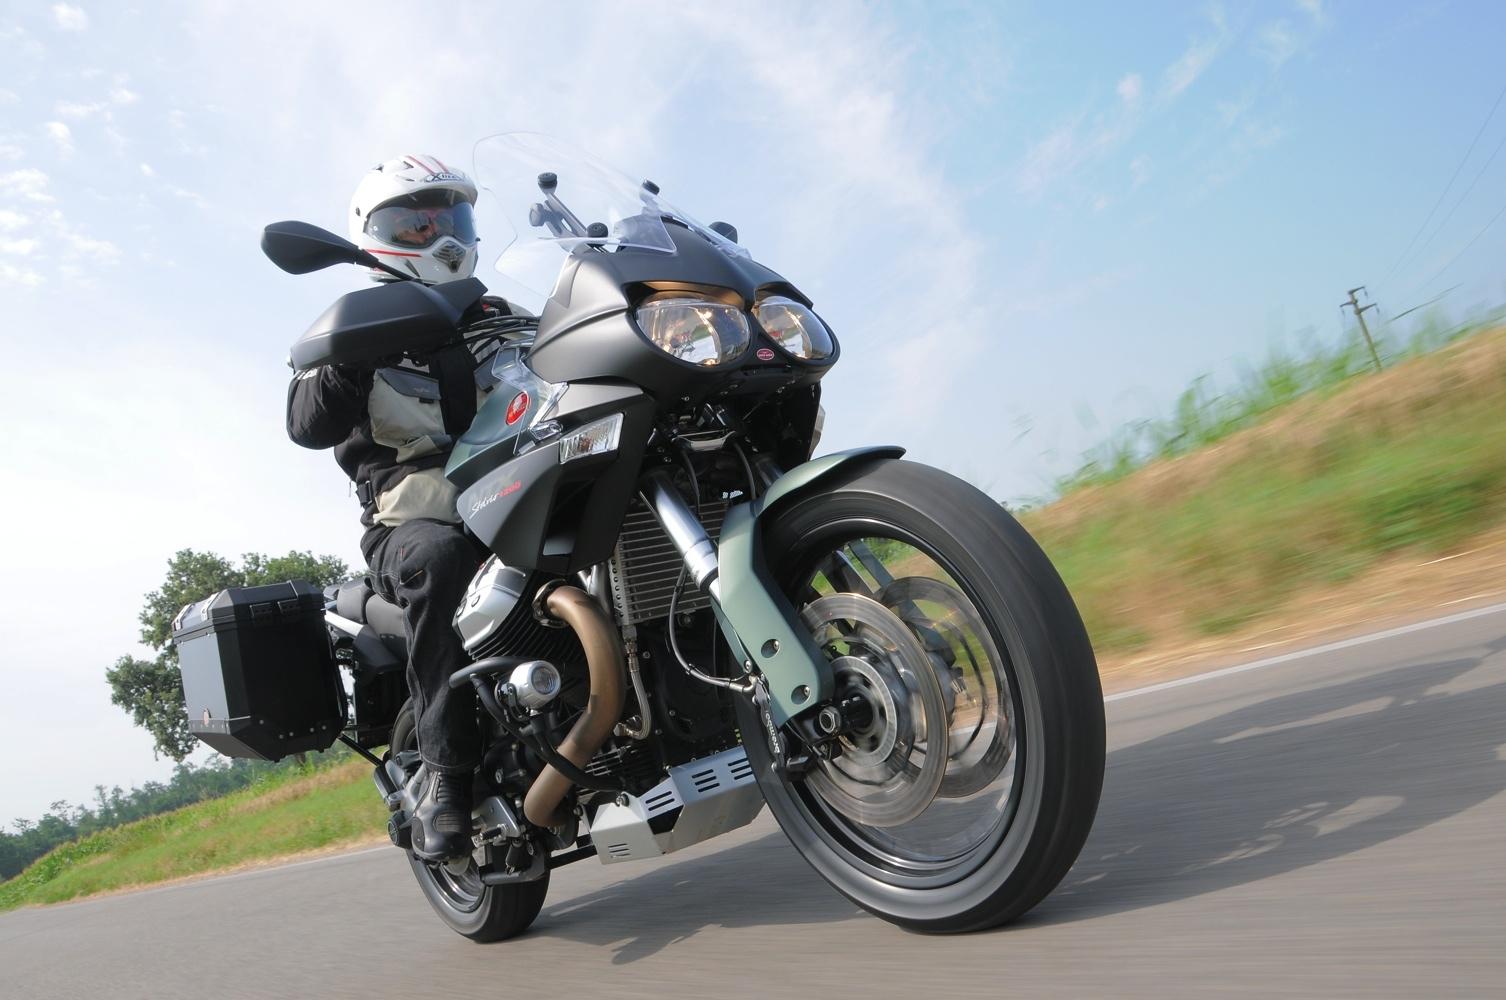 Viaggiare in moto in Valdichiana, un po' di consigli